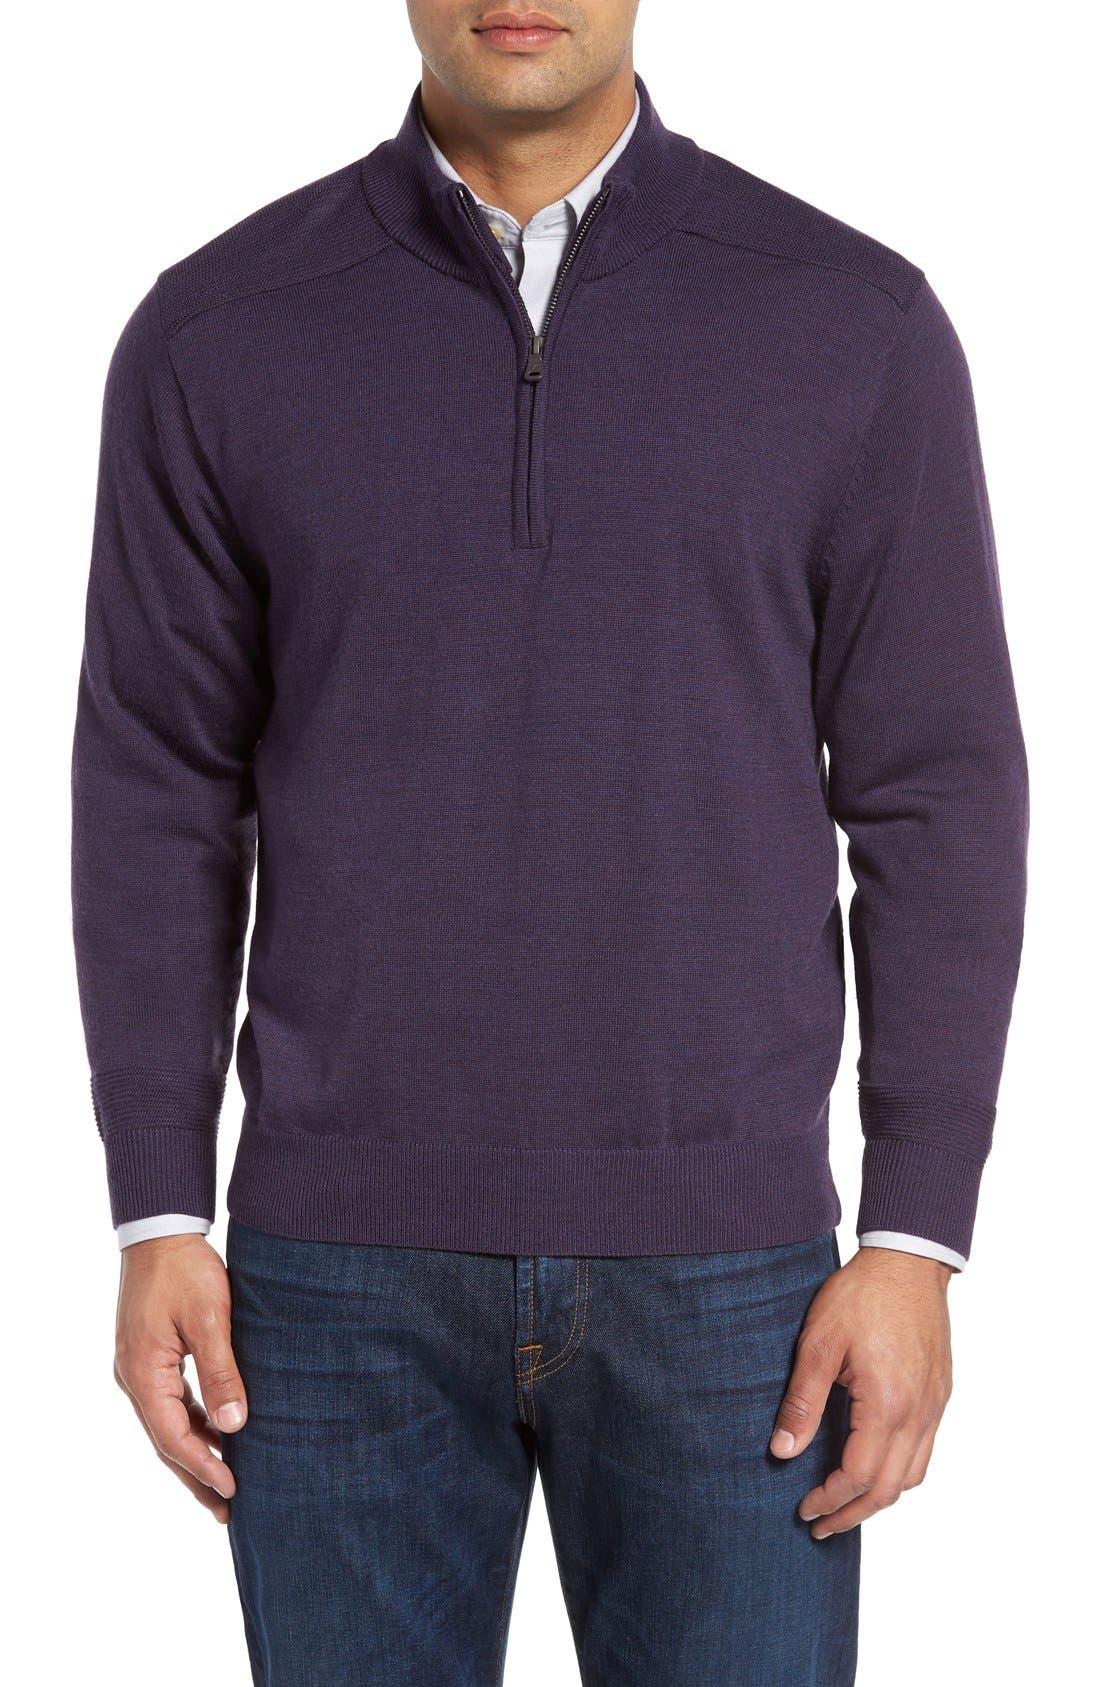 Cutter & Buck 'Douglas' Quarter Zip Wool Blend Sweater (Big & Tall)